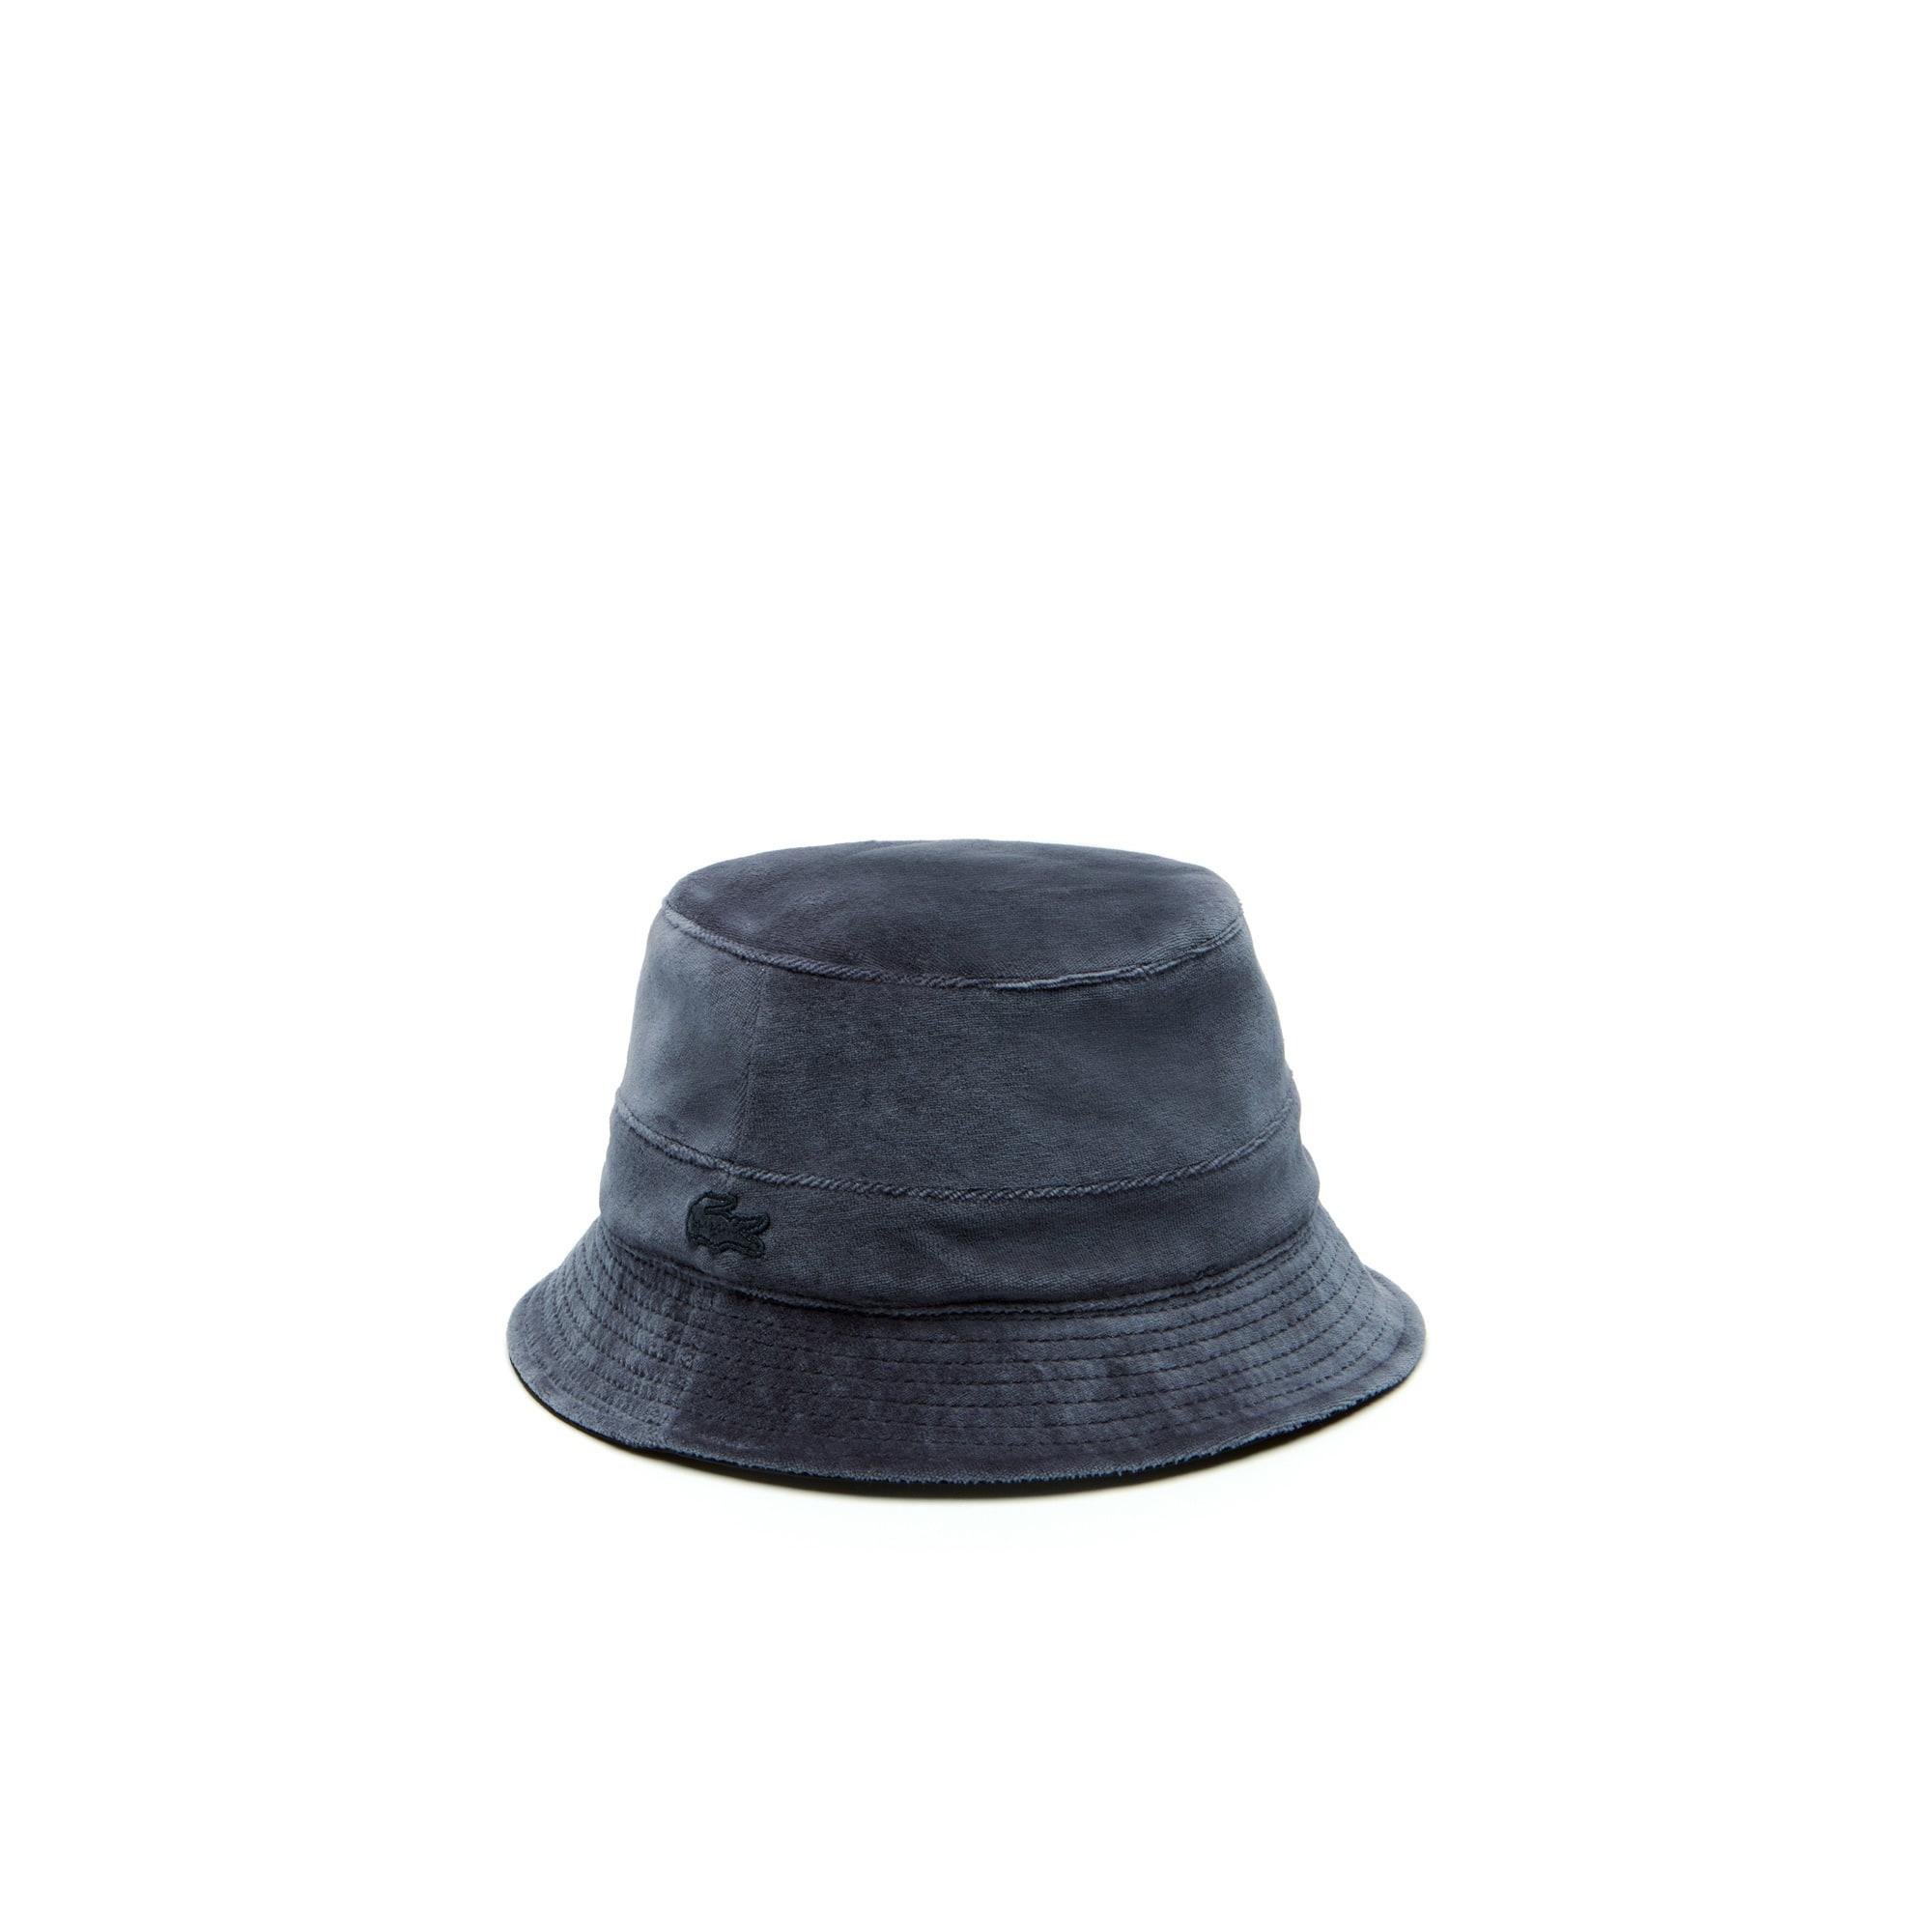 [패션쇼] 리버시블 벨벳 캔버스 모자